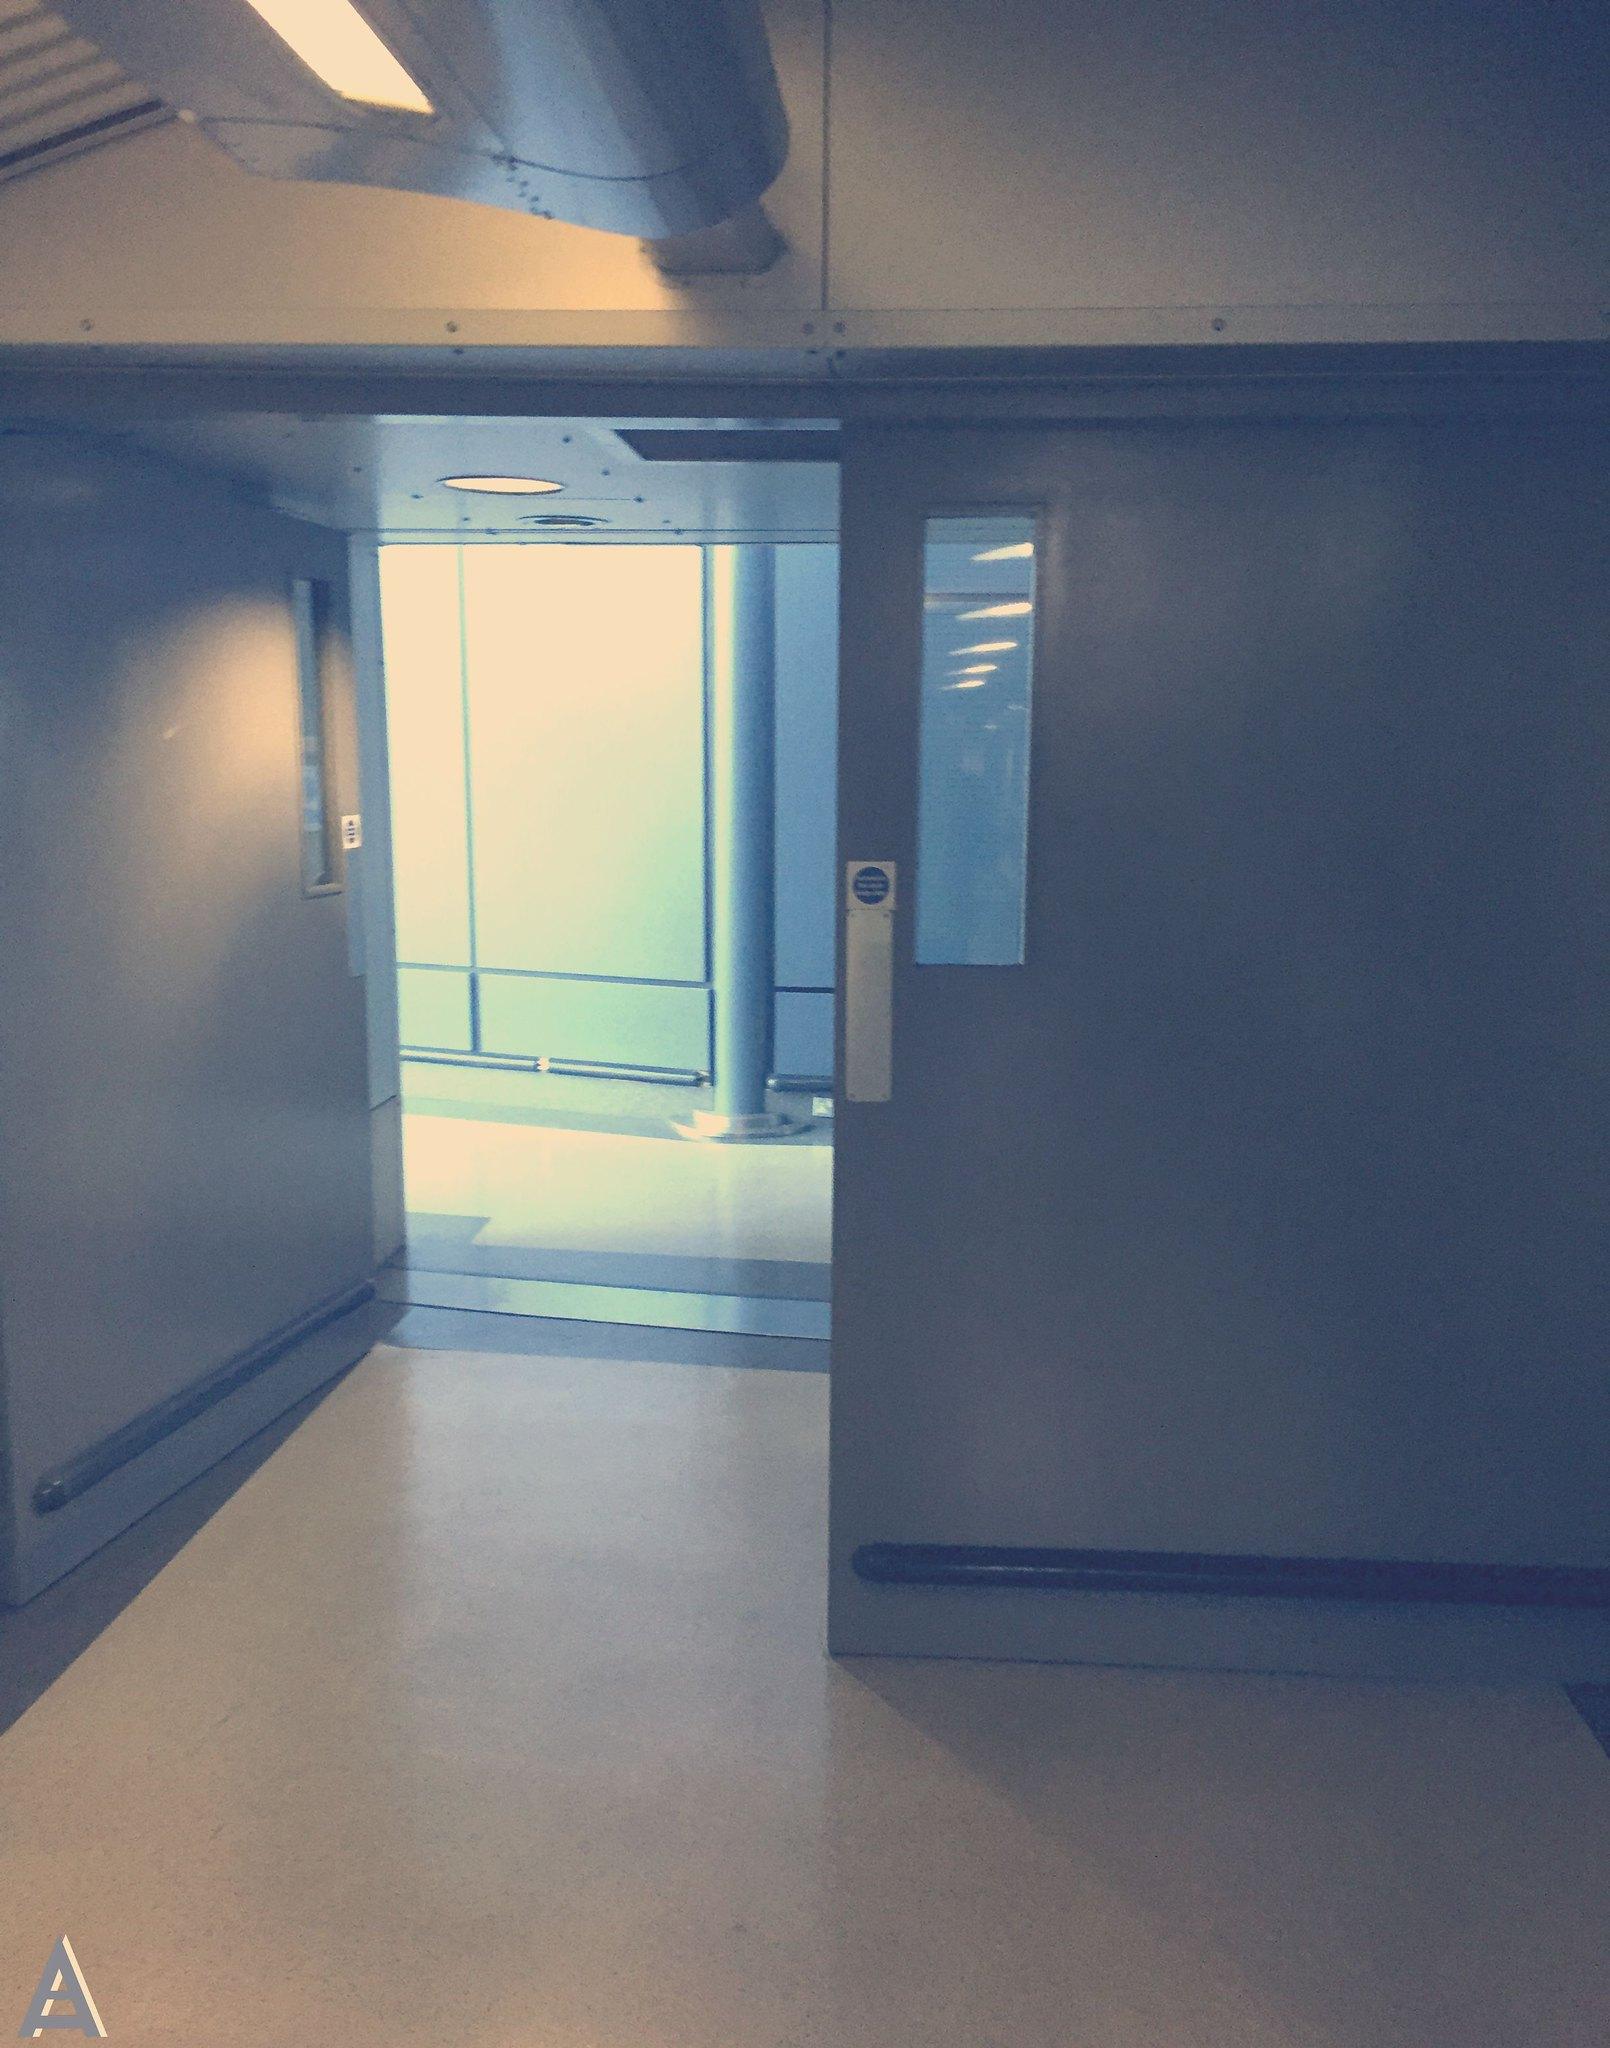 airport roller doors